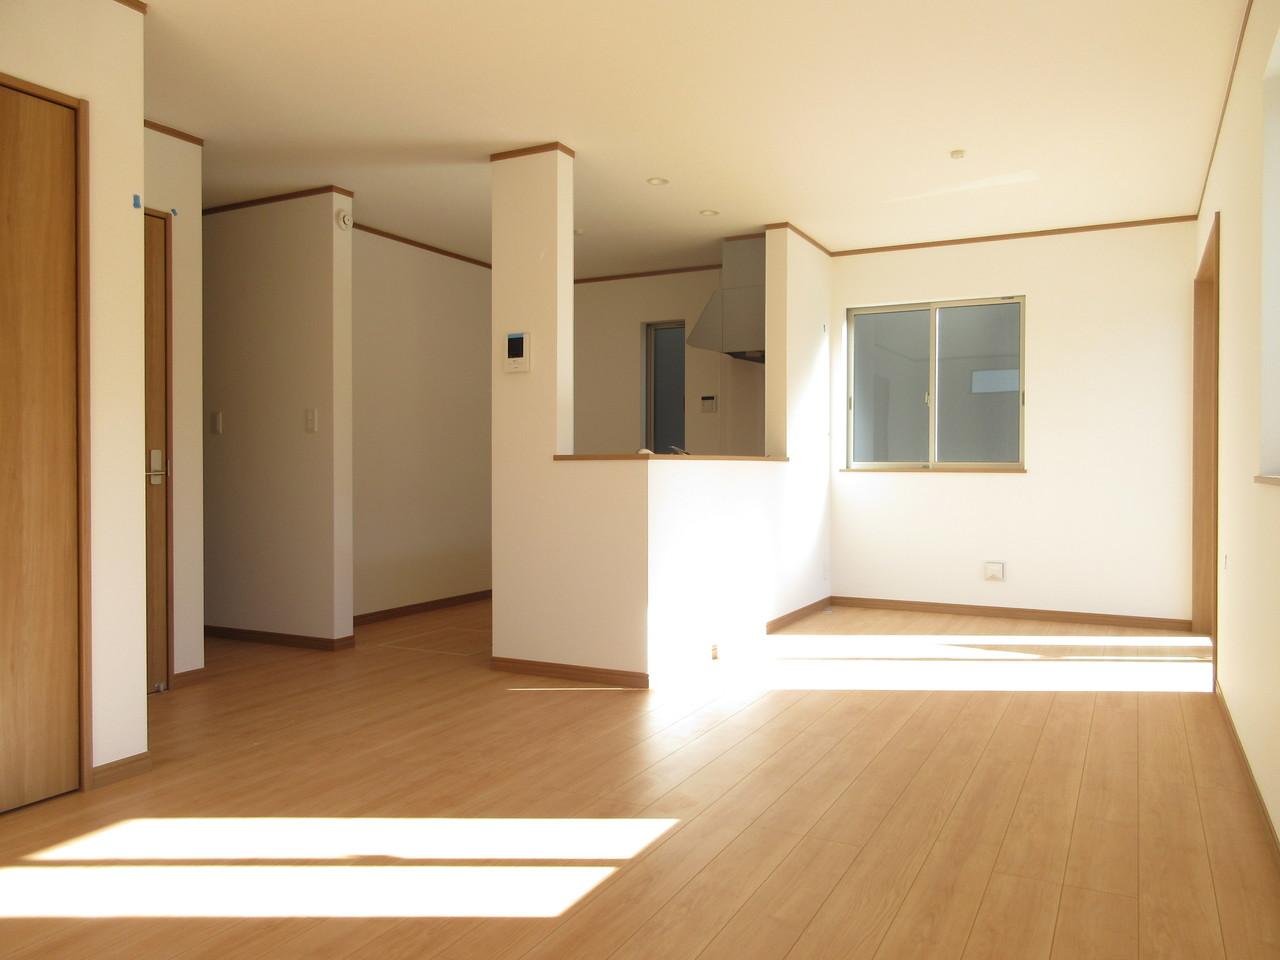 明るく広々としたLDK。 大きな窓からたっぷりと陽光がふりそそぐ明るい空間です♪ 家族だんらんの時間を過ごせます。